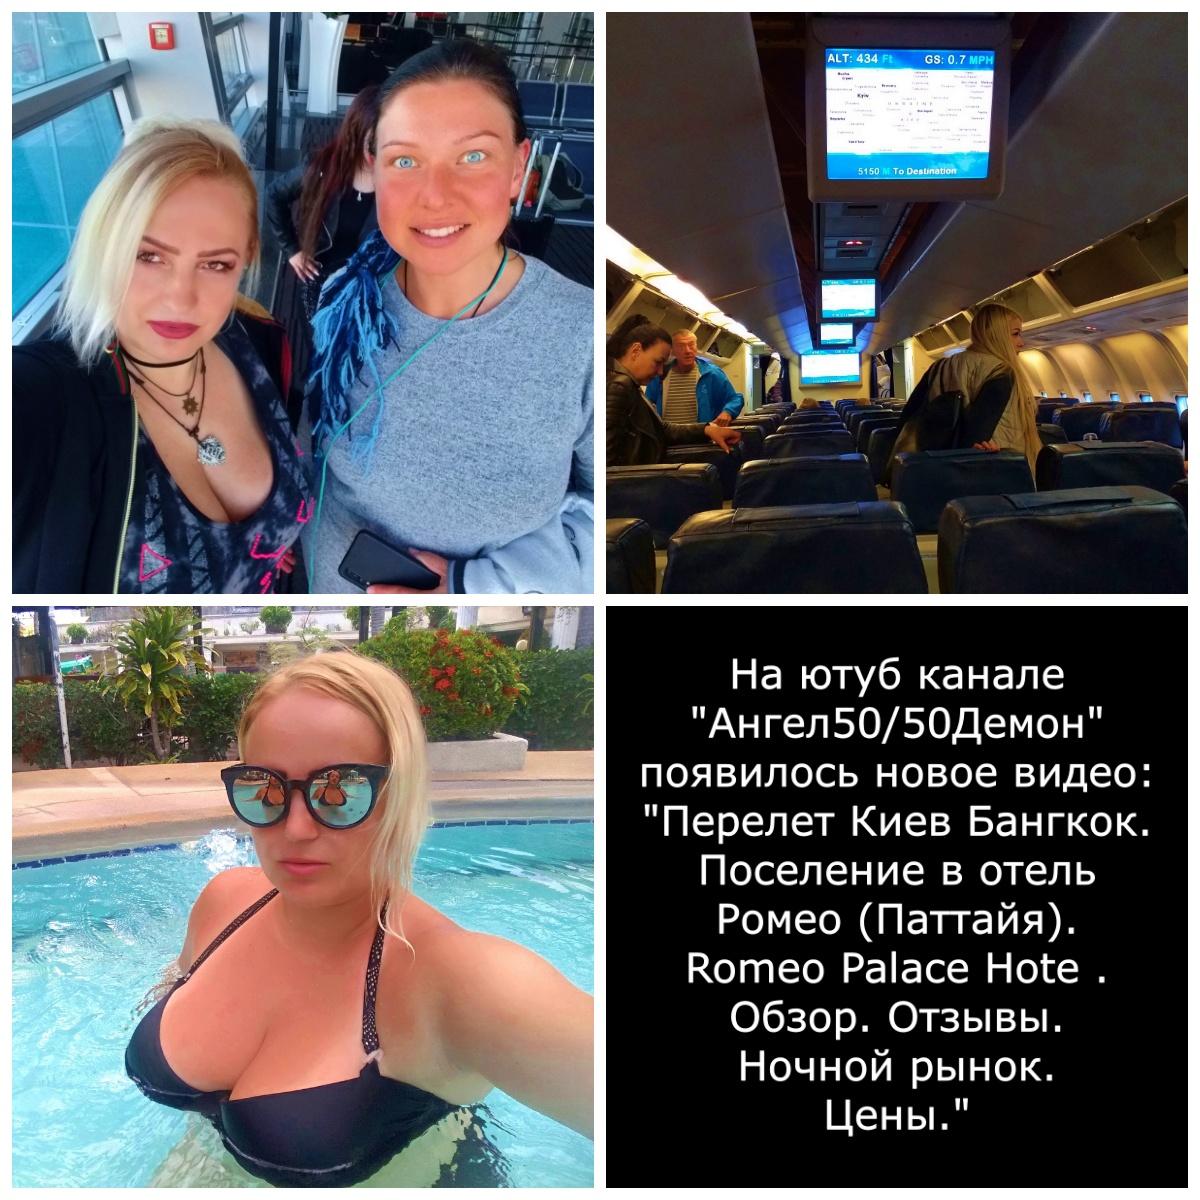 Елена Руденко (Валтея). Таиланд мои впечатления. отзывы, достопримечательности, фото и видео.   0VPusiN3RSU